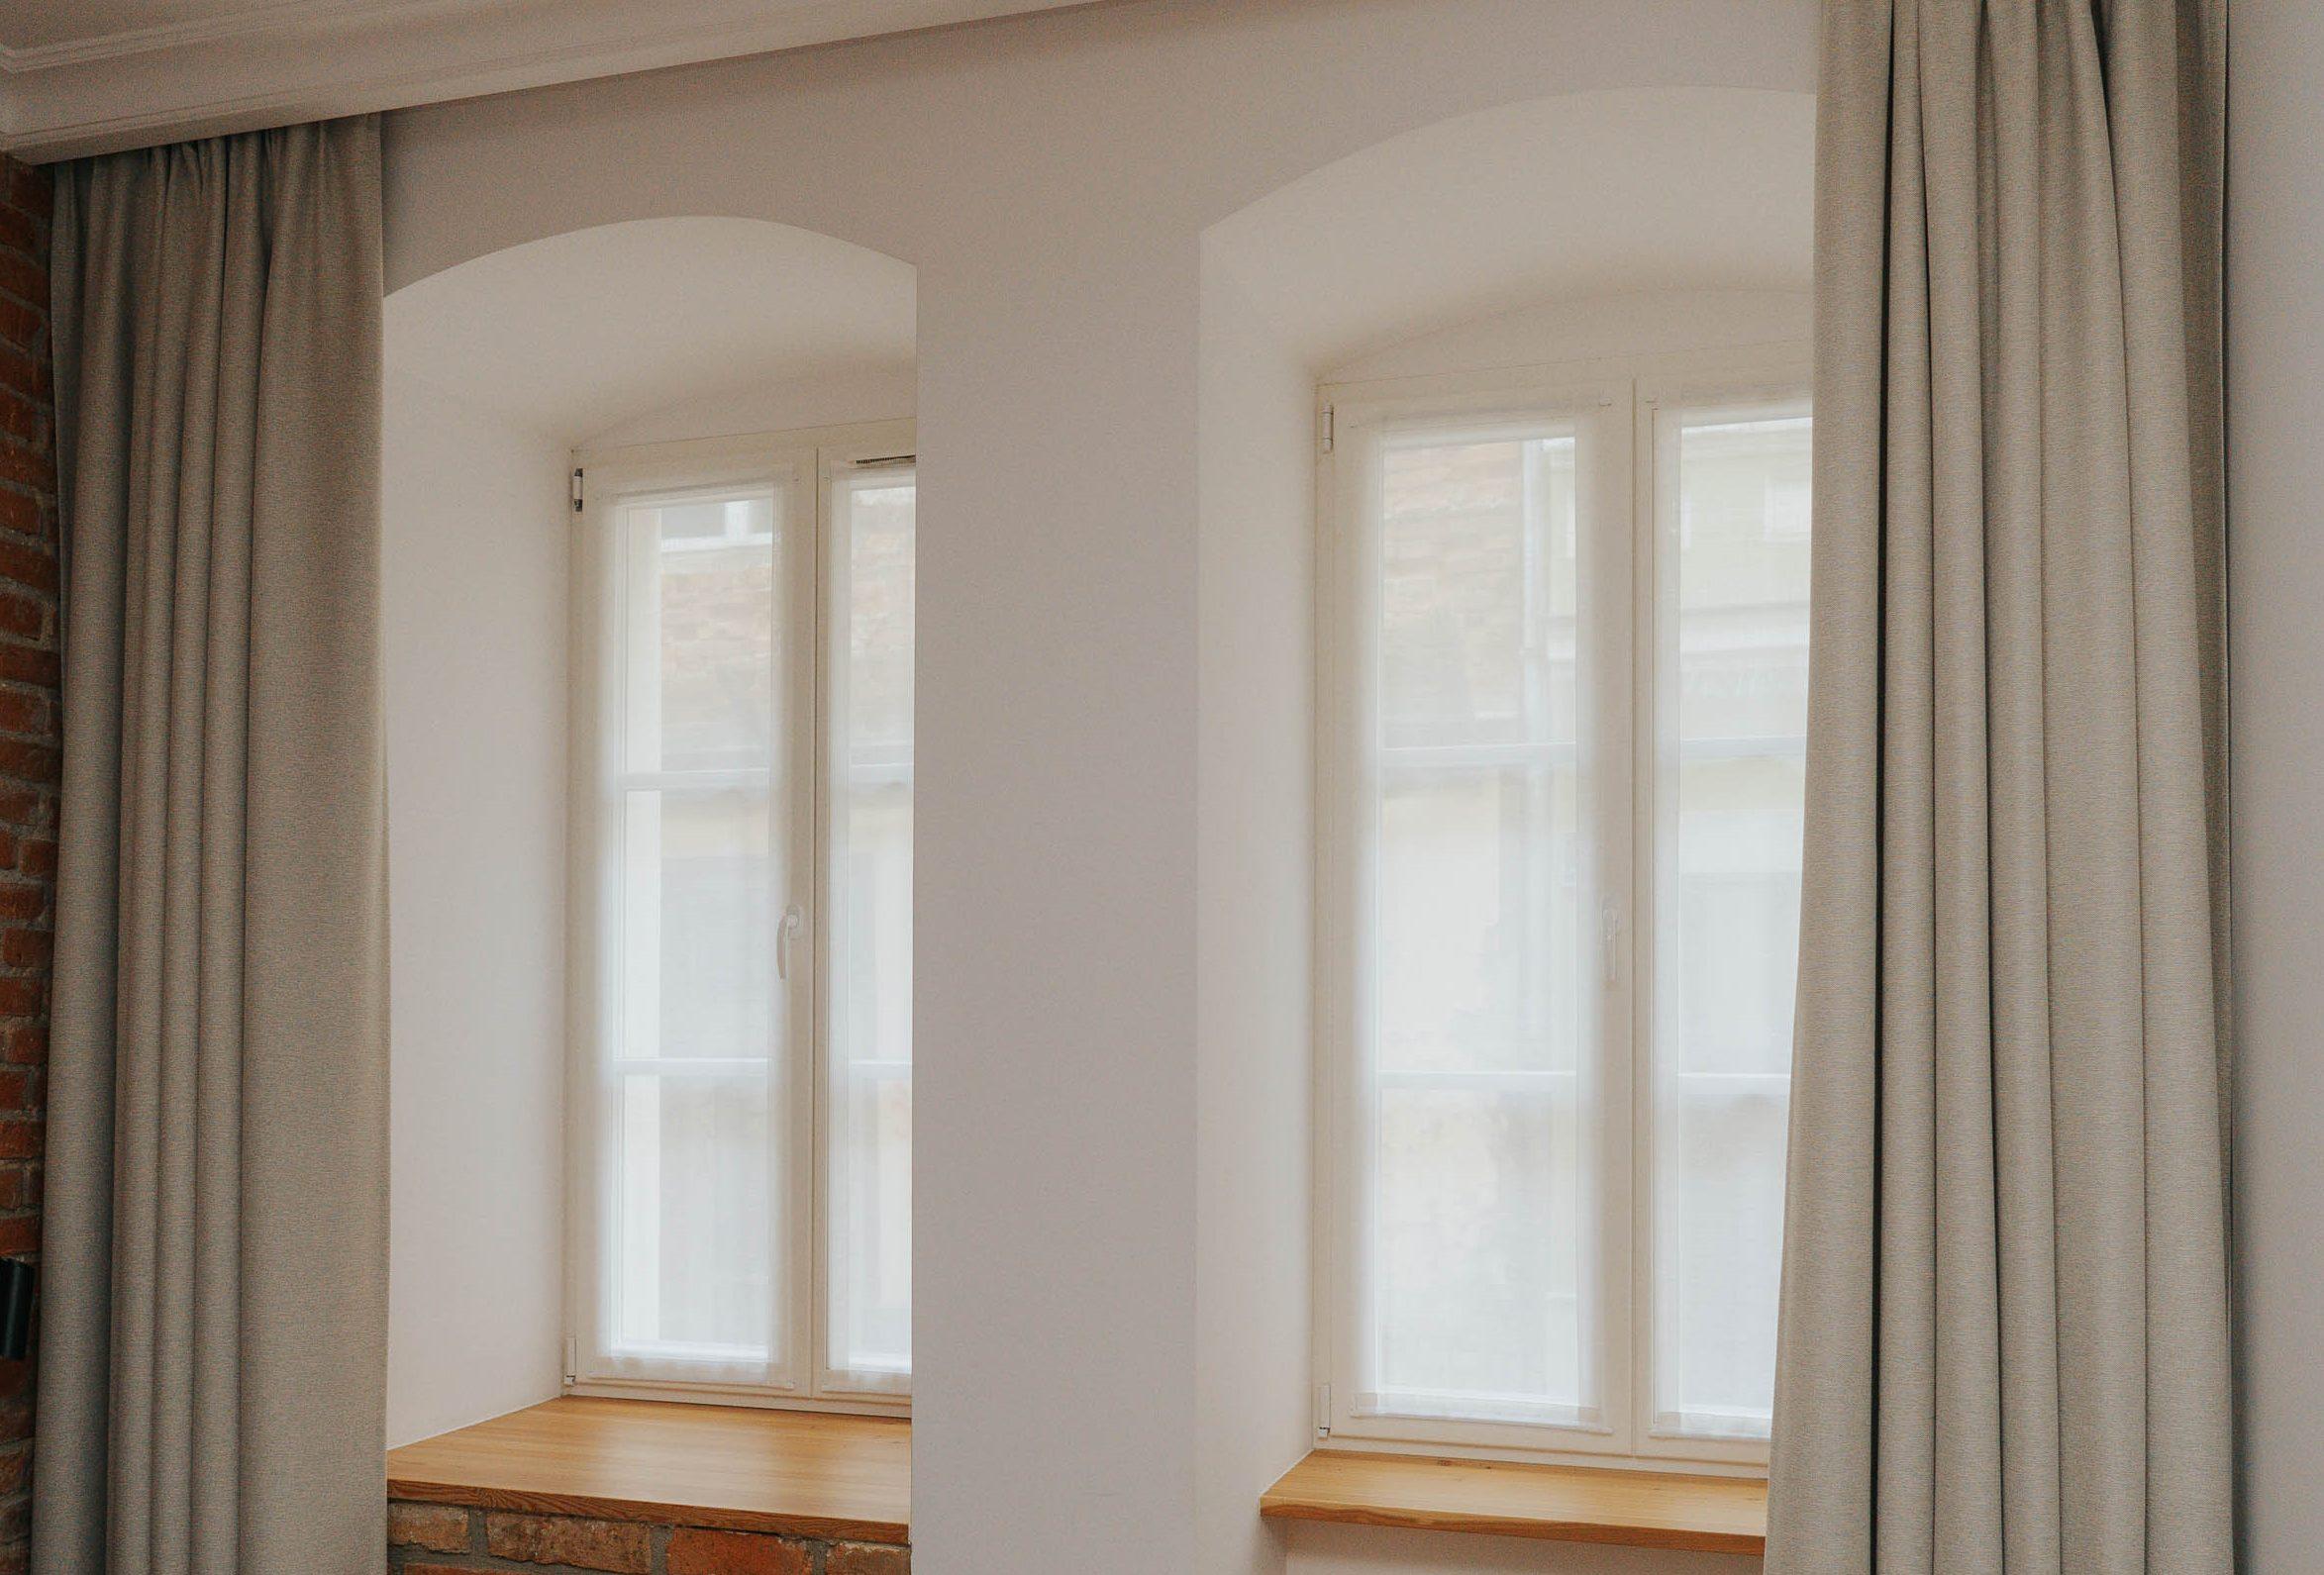 Okno i lniane zasłony